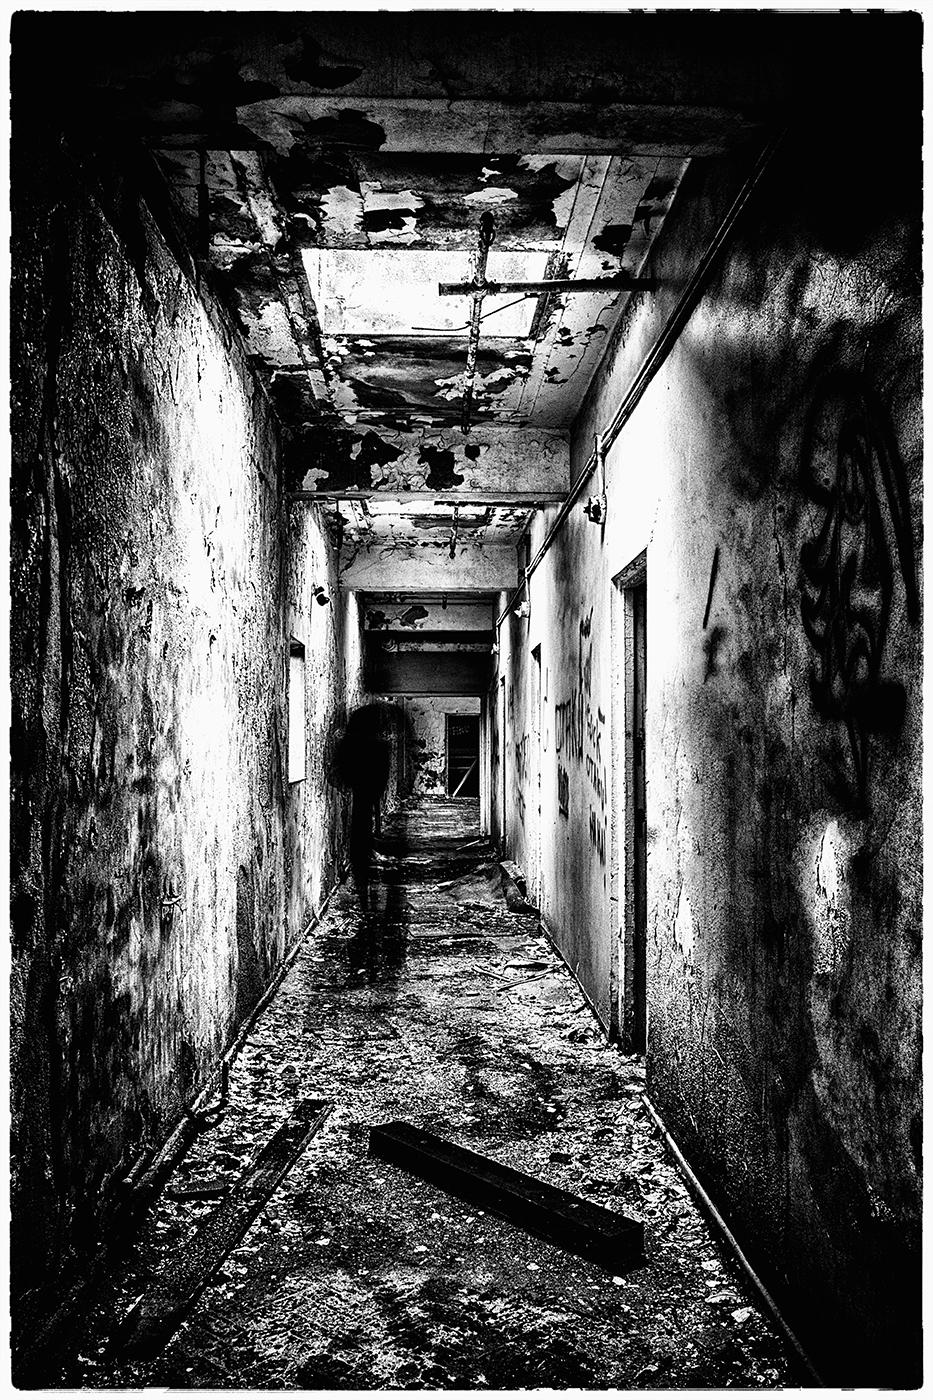 18_1314R3_063 C_ENSK_R.3_The Passage_Eustace Tierney_N.jpg